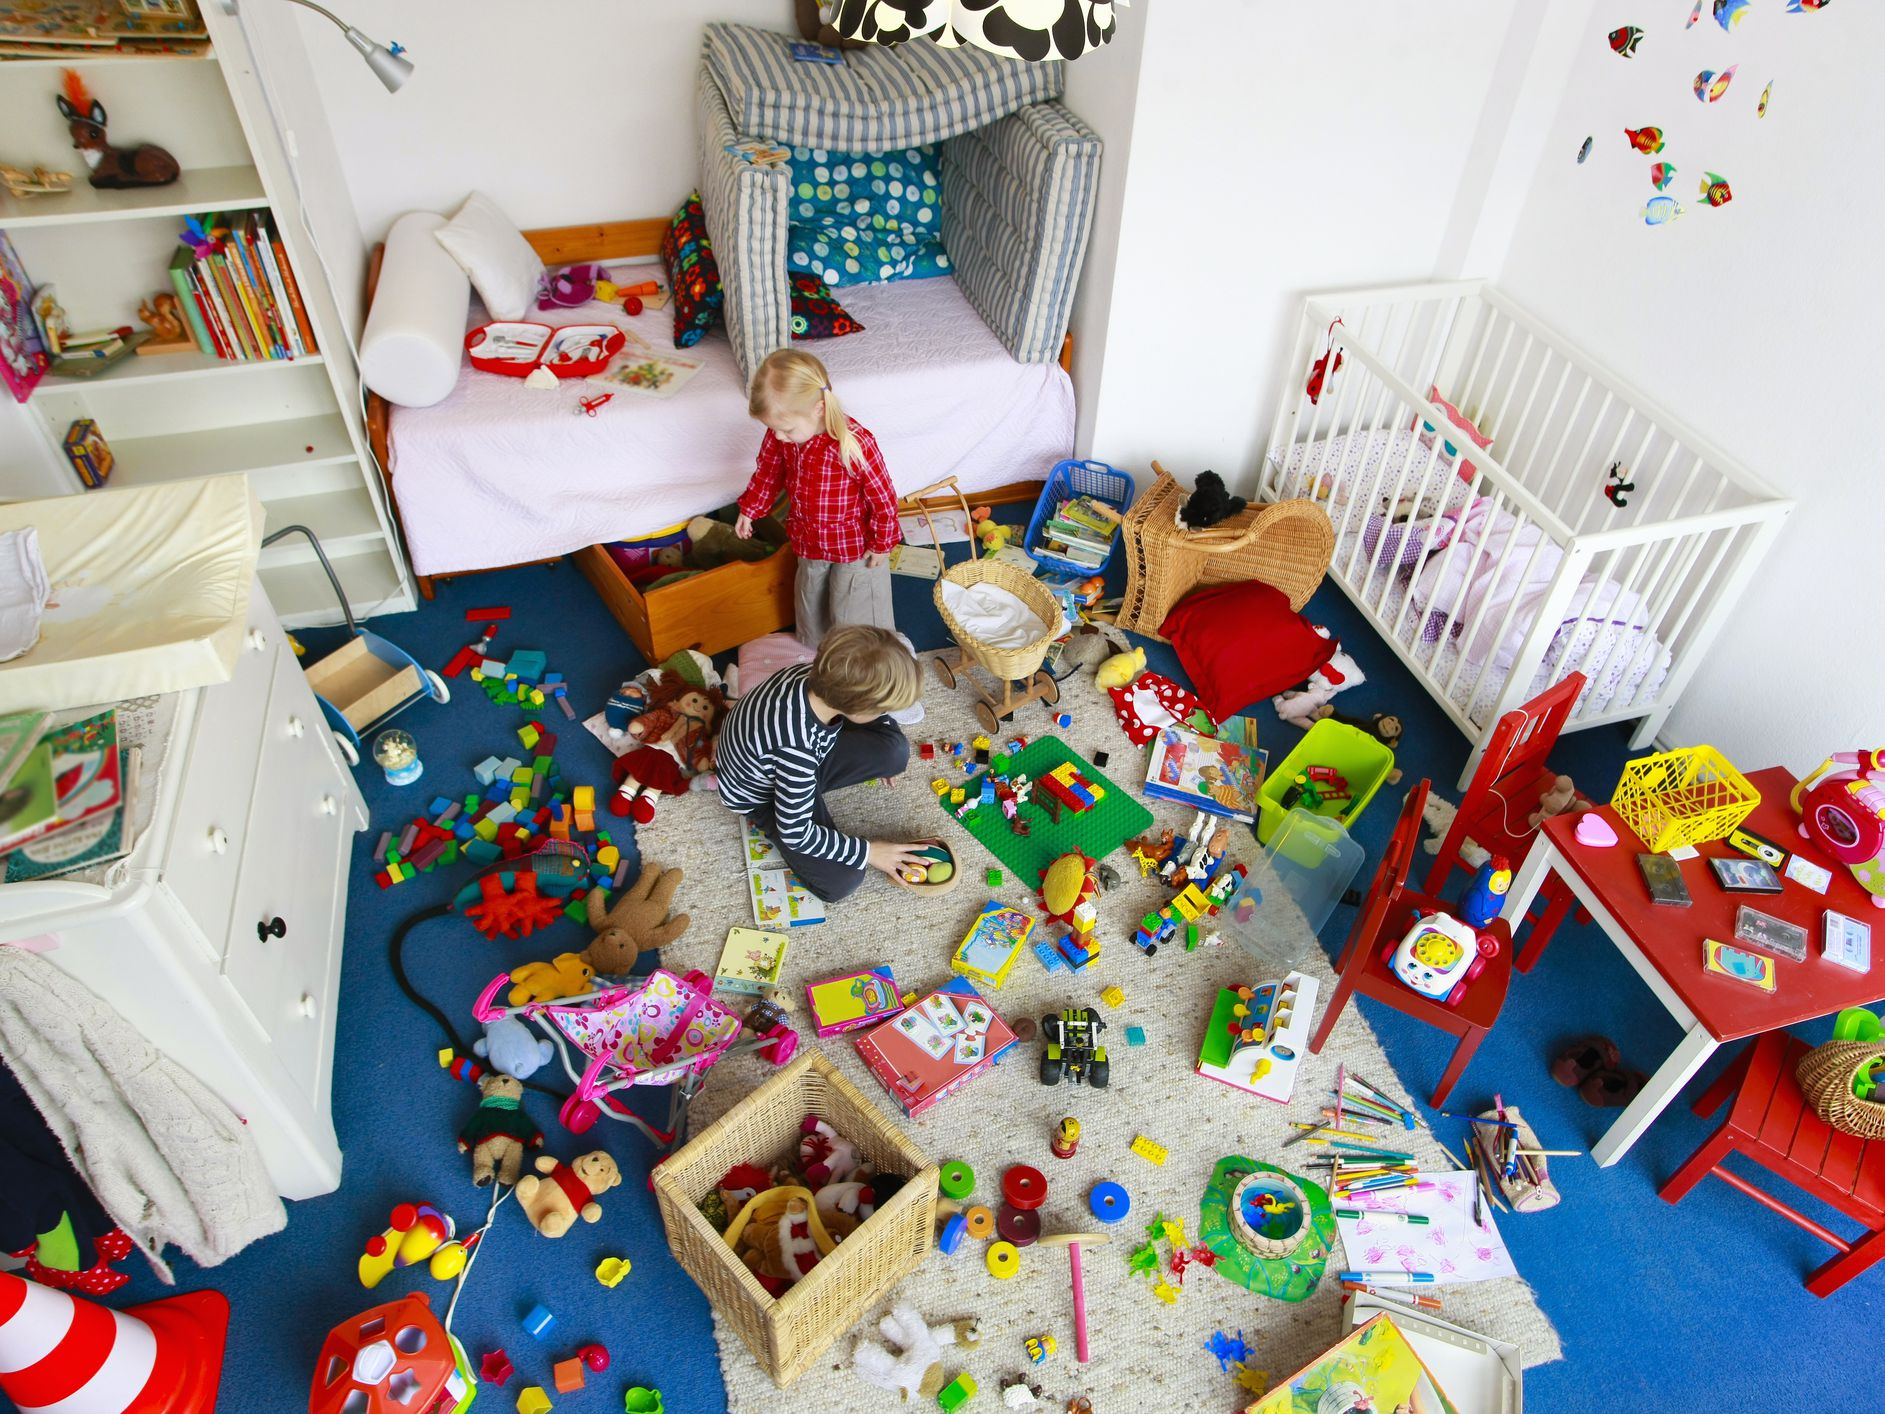 How To Avoid Having Too Many Toys